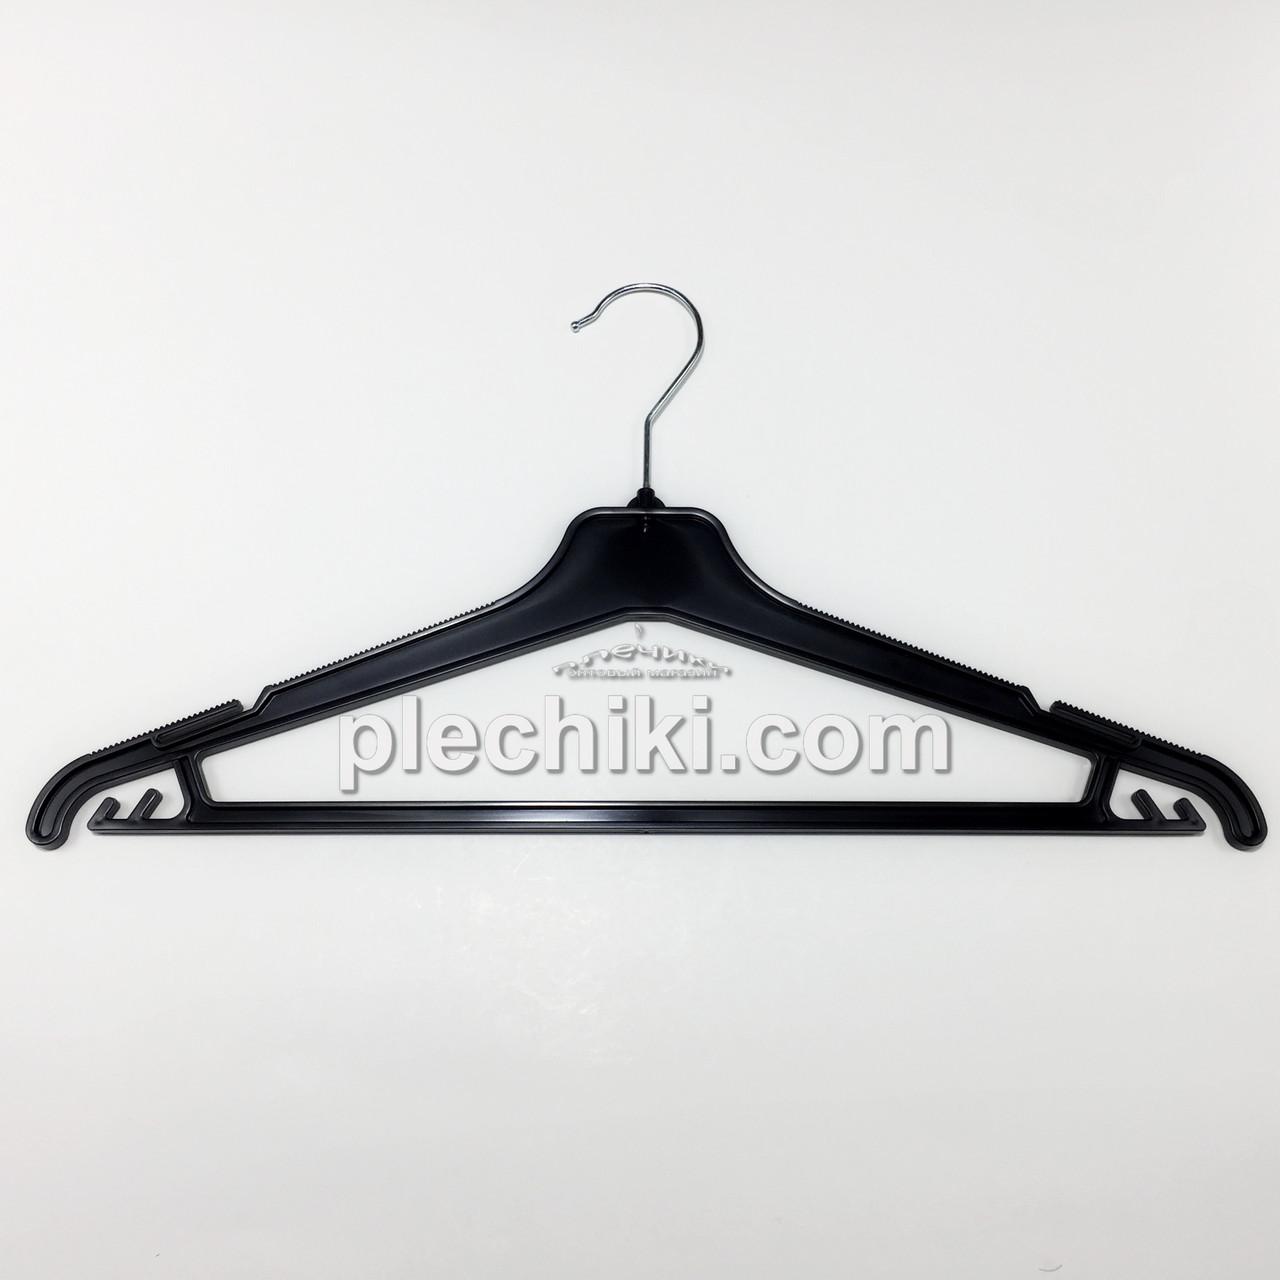 Тремпеля вешалки для одежды пластиковые W-PY42 черного цвета, длина 420 мм